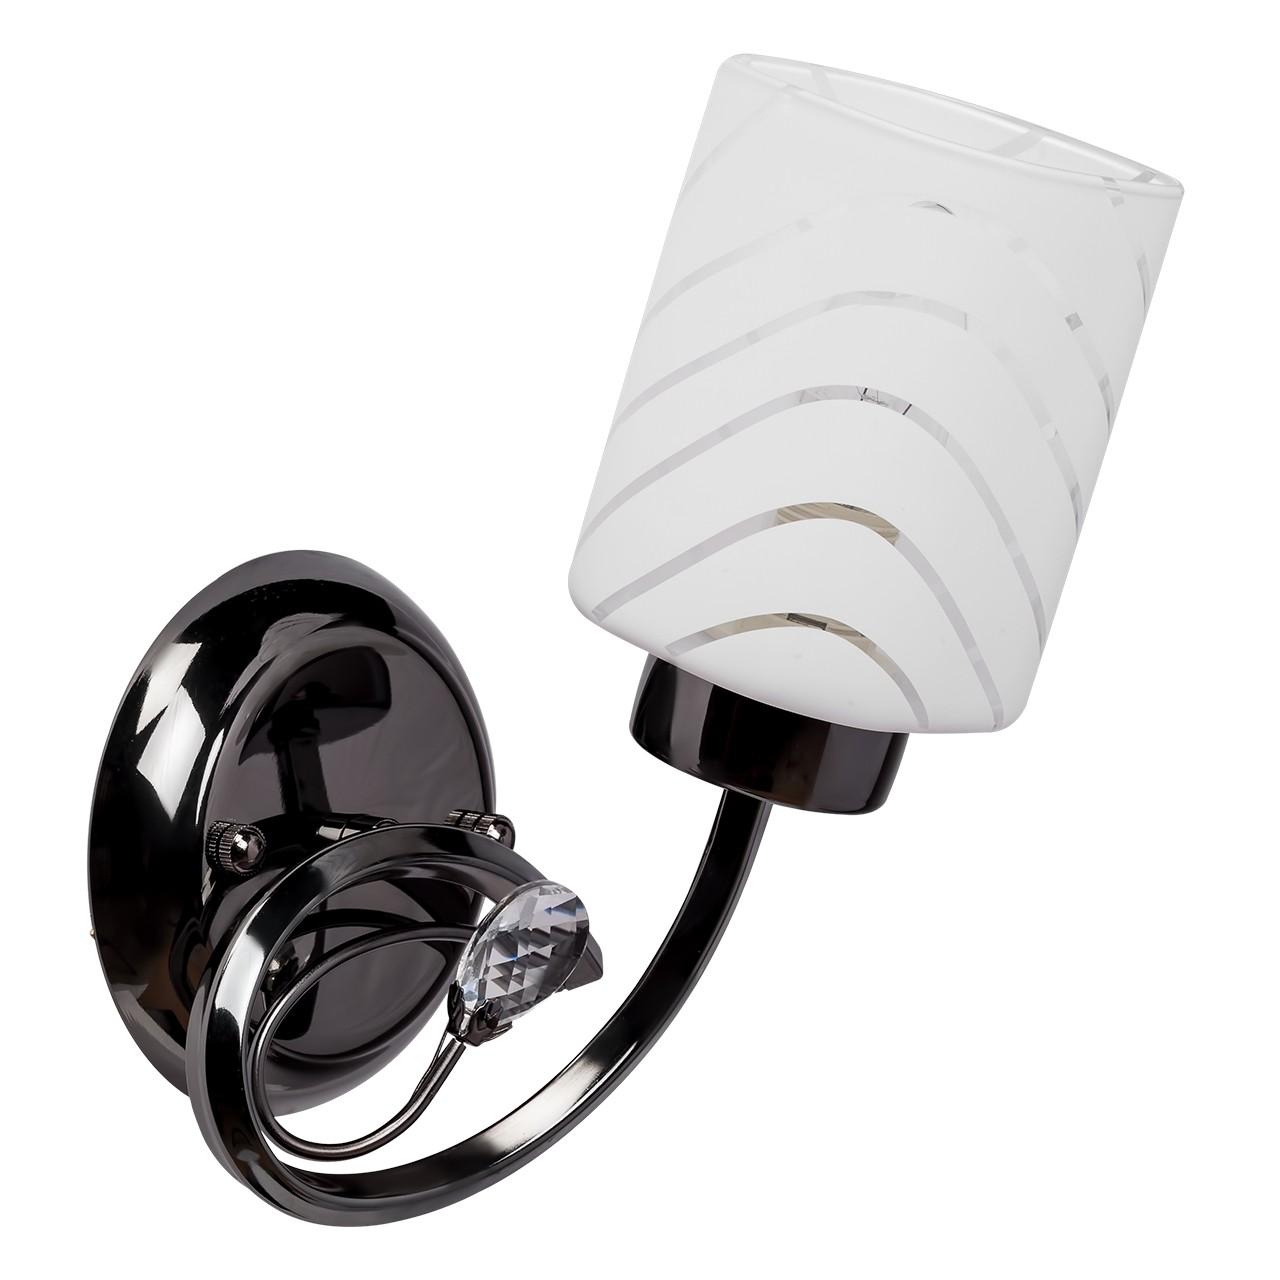 Бра Mw lightНастенные светильники и бра<br>Тип: бра, Назначение светильника: для спальни, Стиль светильника: классика, Материал светильника: металл, стекло, Тип лампы: накаливания, Количество ламп: 1, Мощность: 60, Патрон: Е14, Цвет арматуры: никель, Длина (мм): 280, Ширина: 140, Высота: 140, Коллекция: Олимпия<br>